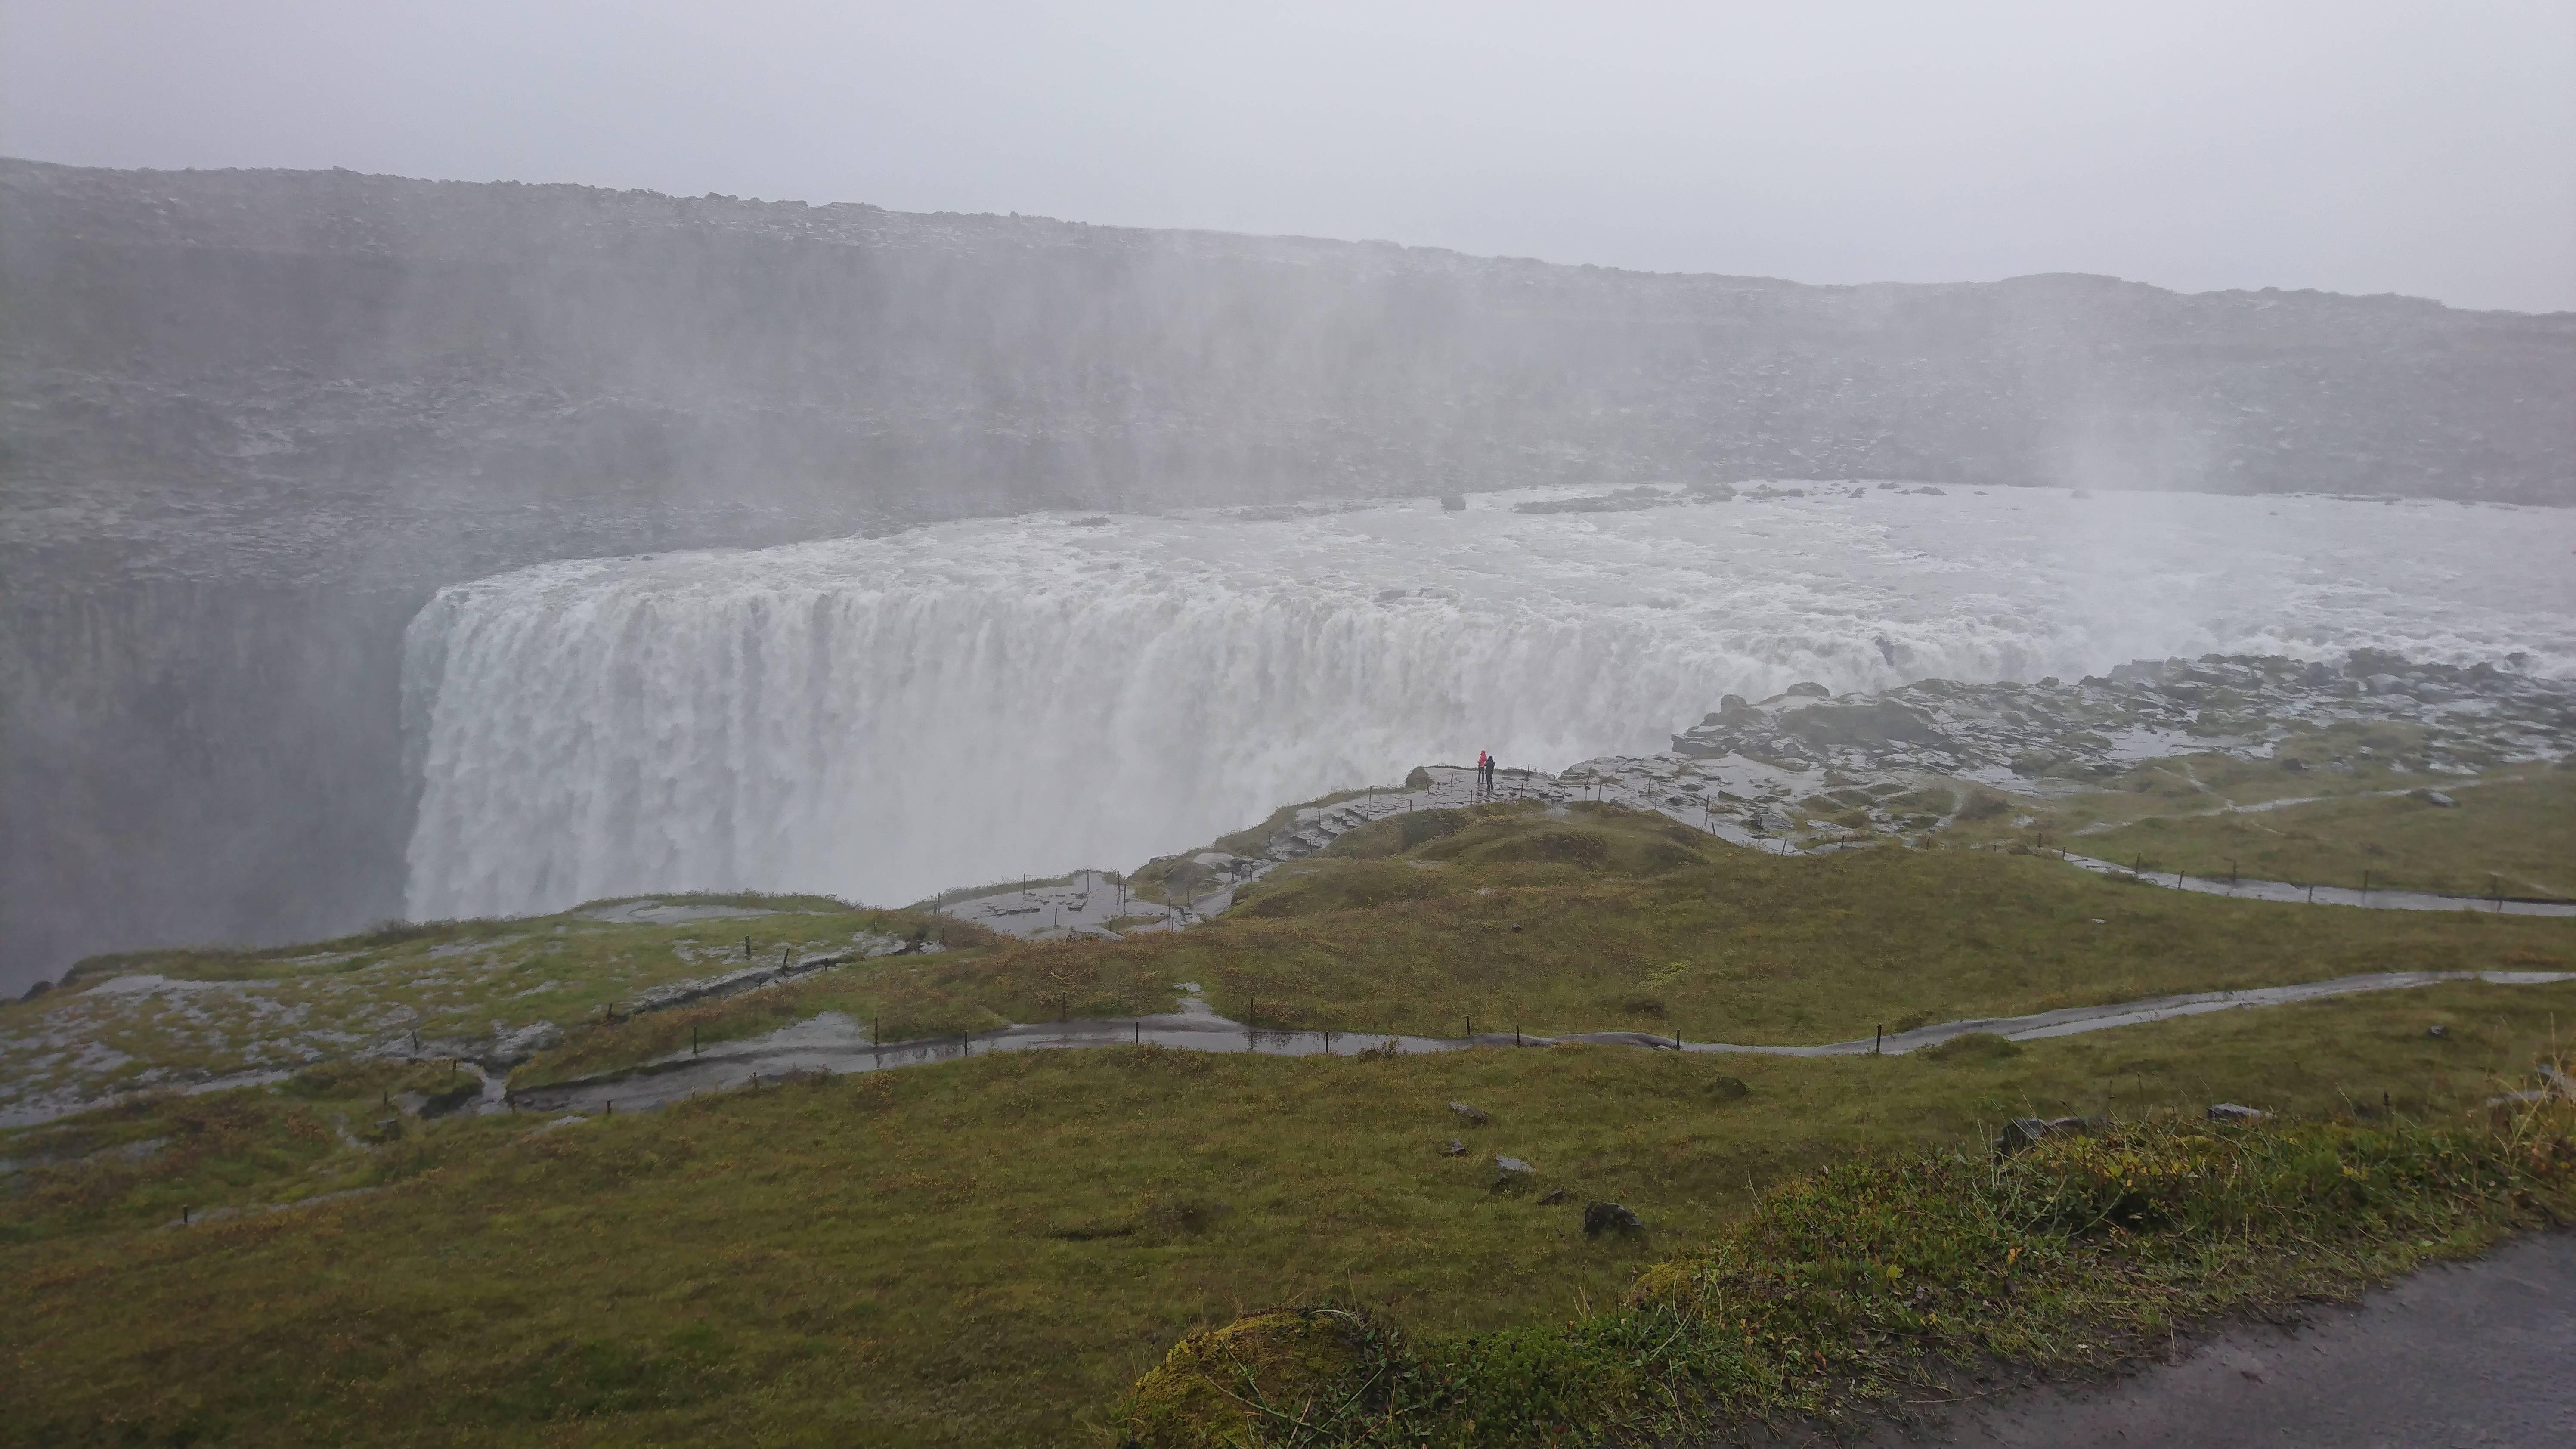 Photo 2: Dettifoss, une des plus grosses cascades d'Islande